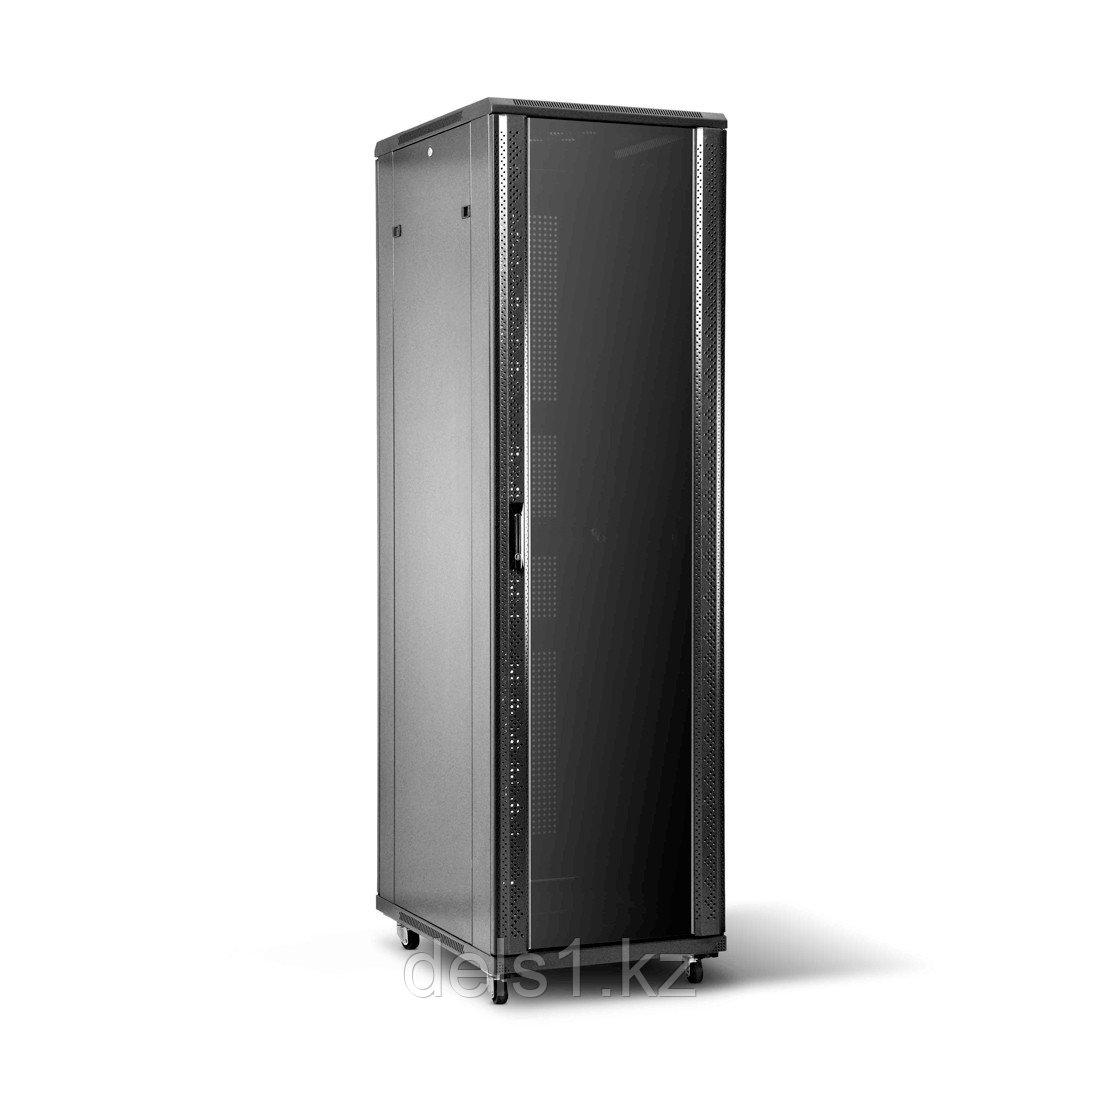 Шкаф серверный напольный SHIP 601S.6047.24.100 47U 600*1000*2200 мм